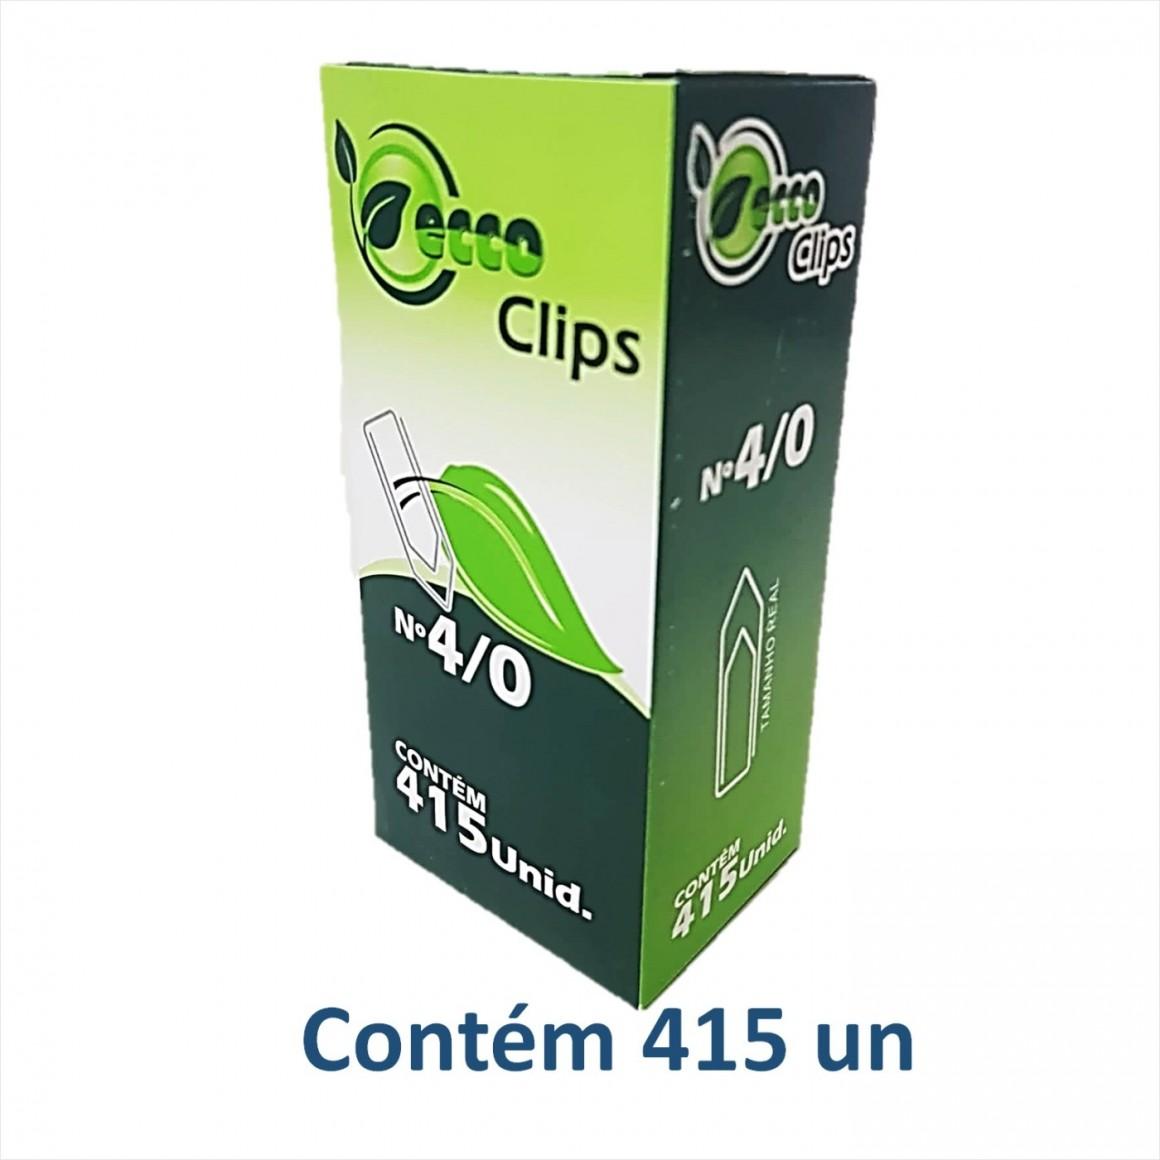 Caixa de clips 4/0 500g - Eccoclips